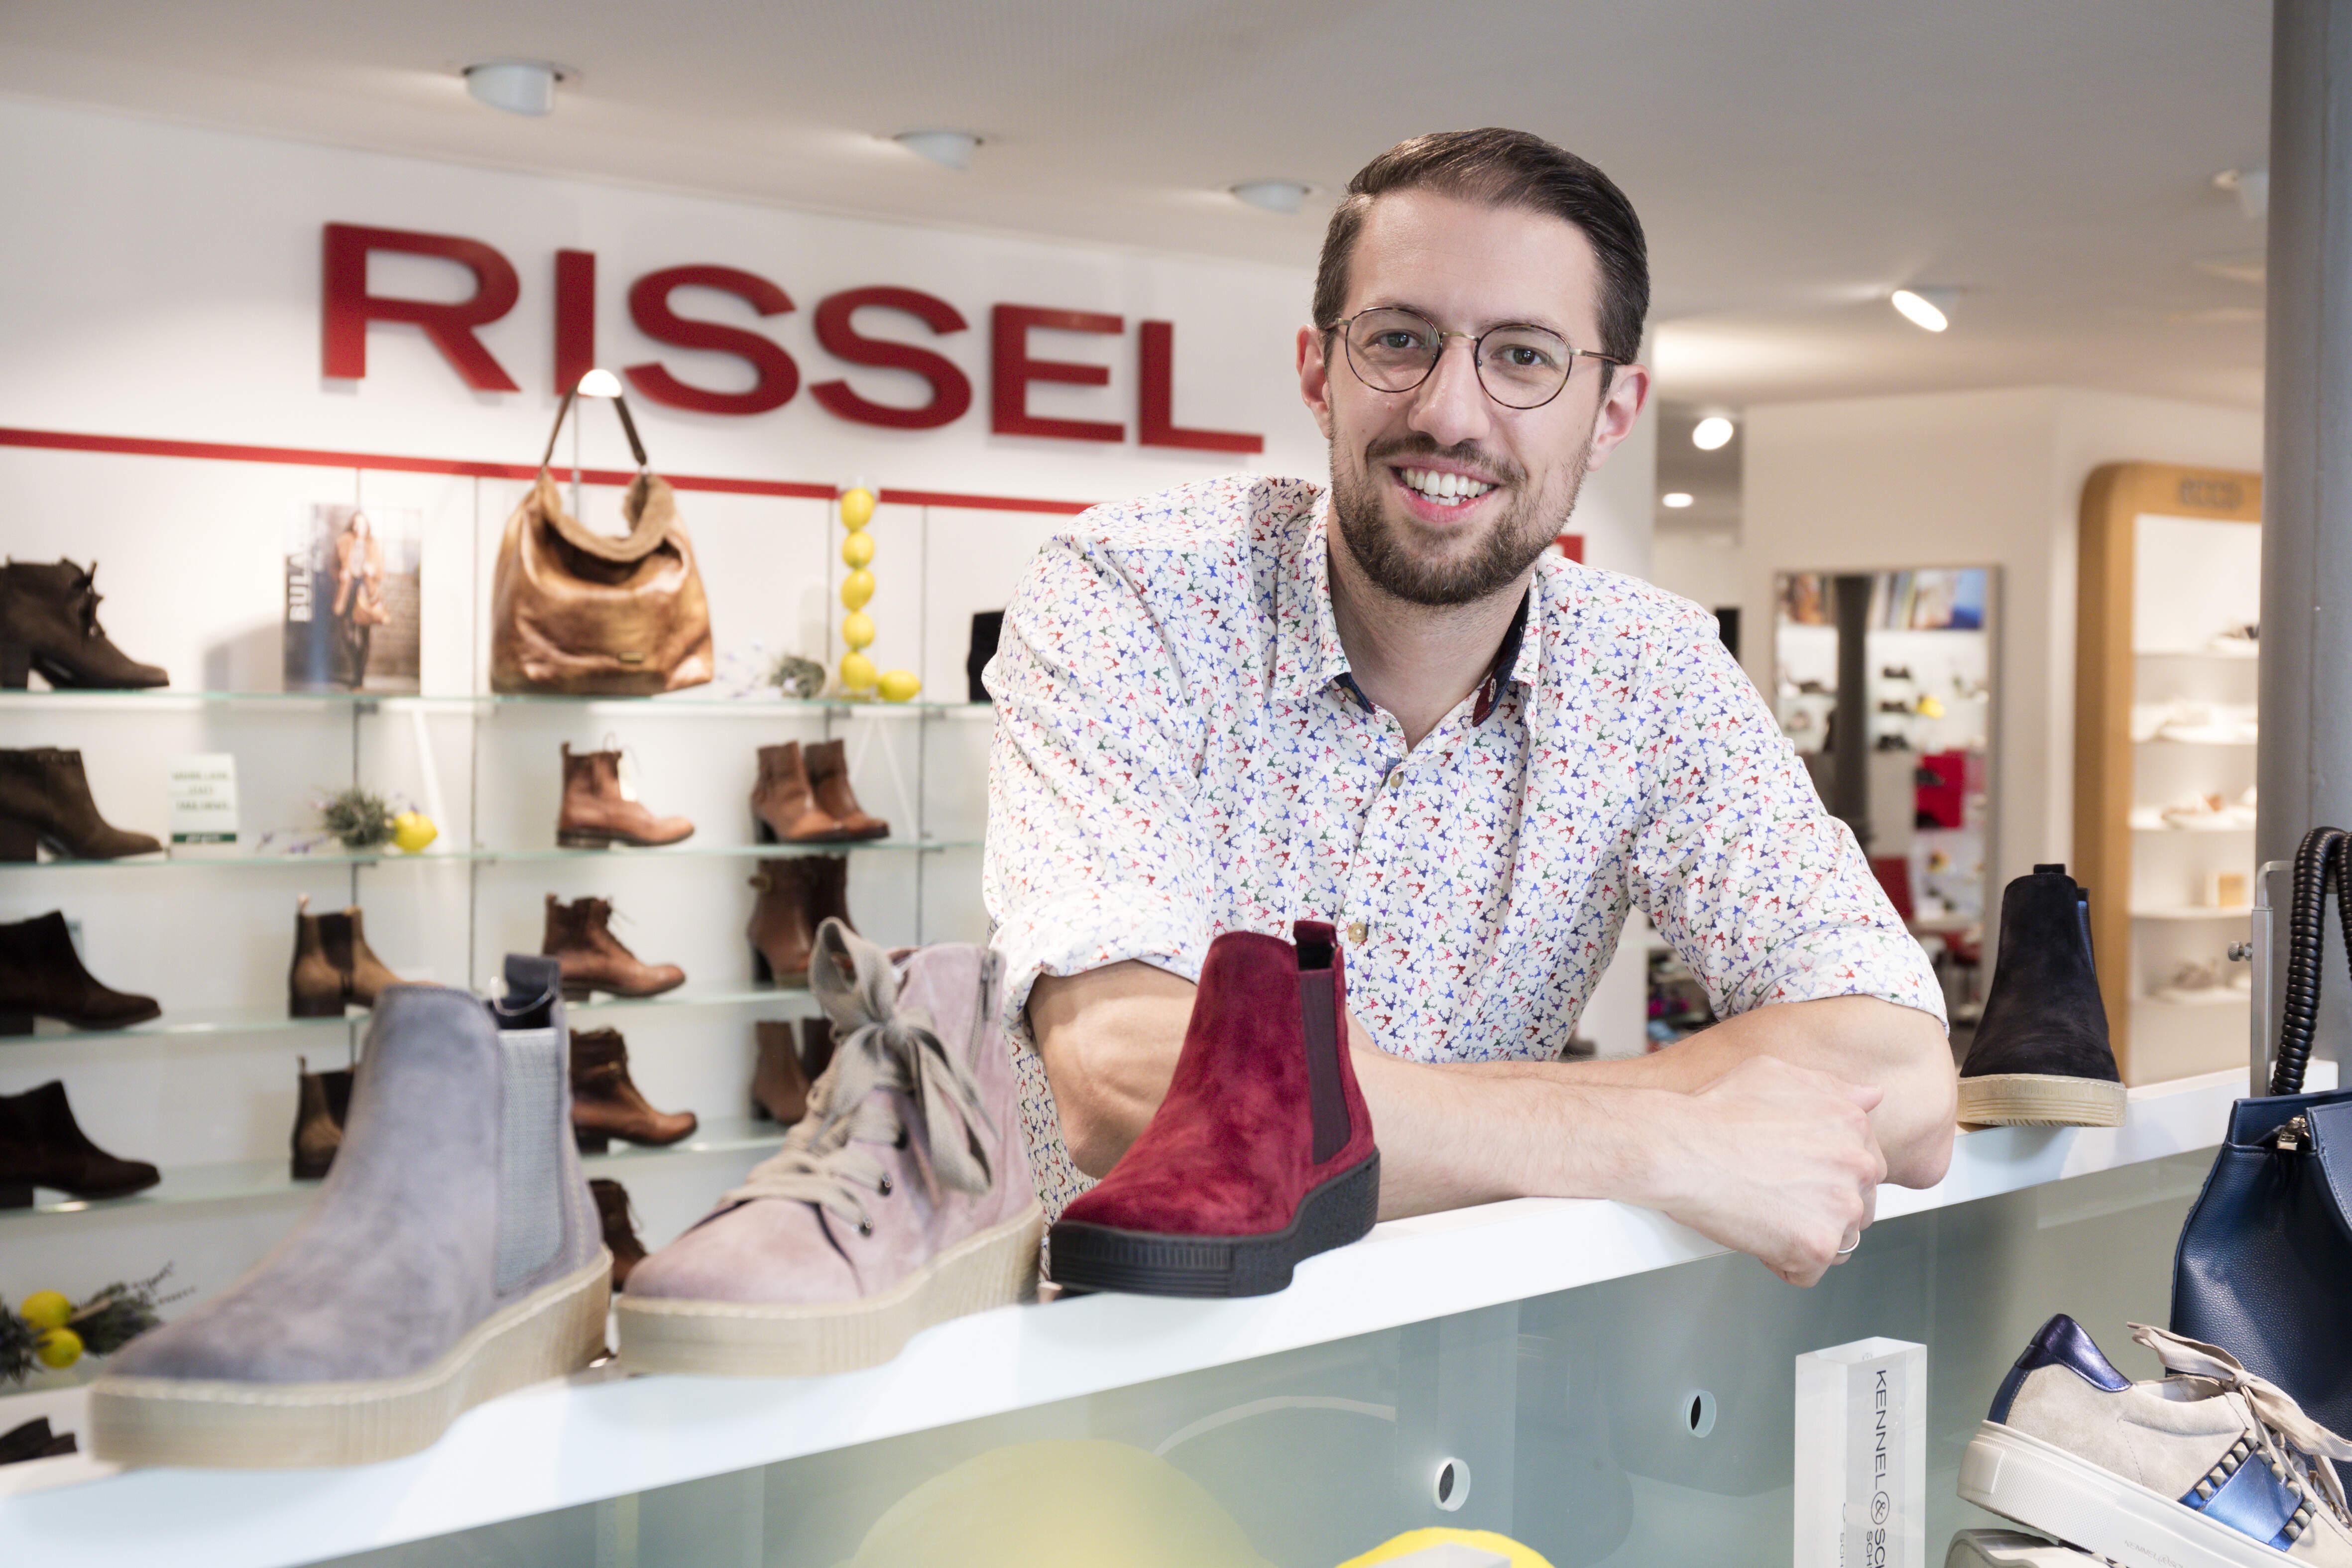 Schuhhaus Rissel Schuhe in Ettlingen | Ettlinger Platzhirsche